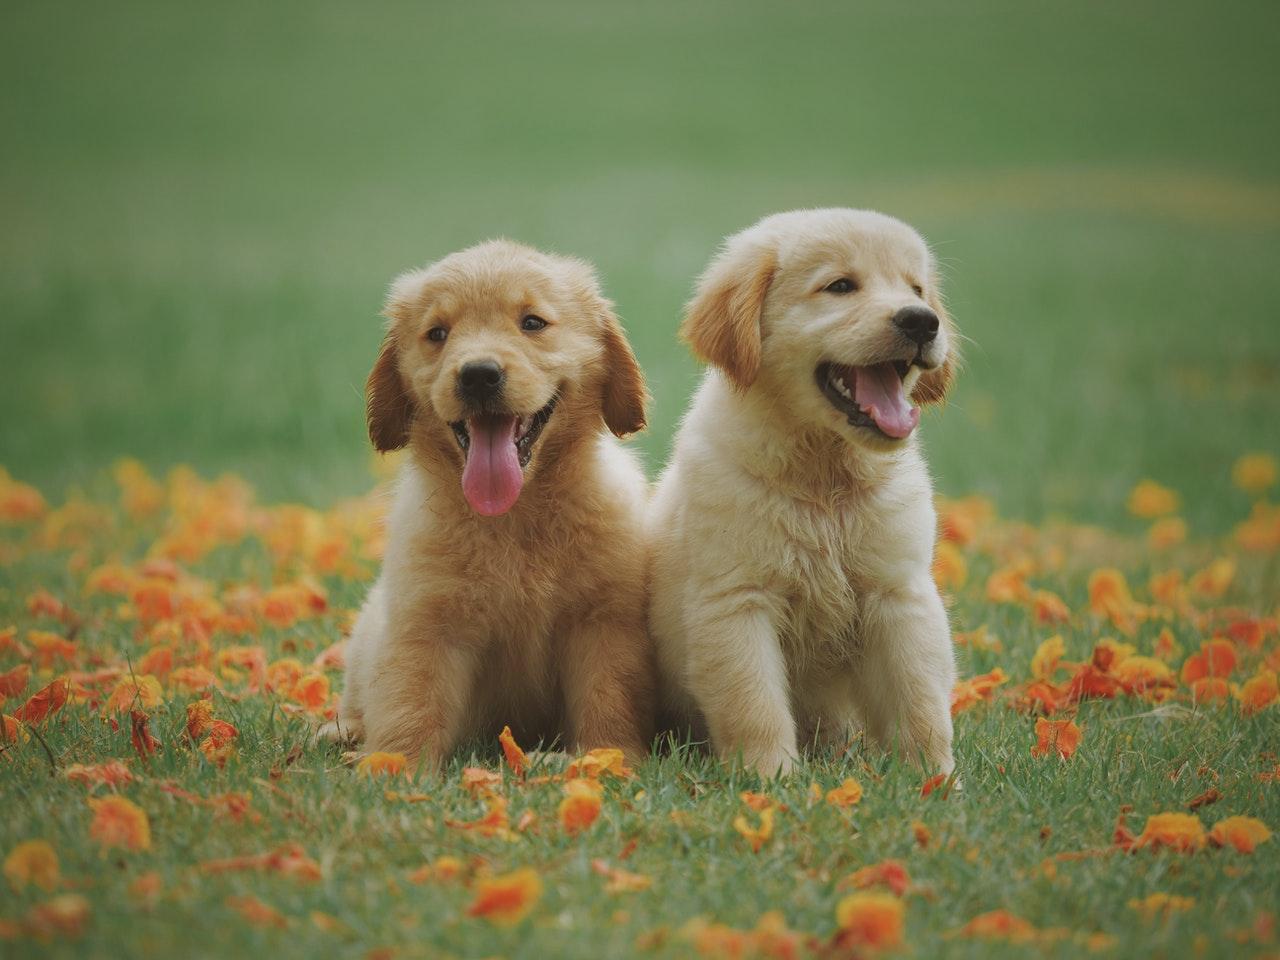 Czkawka u psa i szczeniaka może mieć różne podłoże, jednak częsta czkawka u psa wymaga już diagnostyki, gdyż może być objawem zarobaczenia.